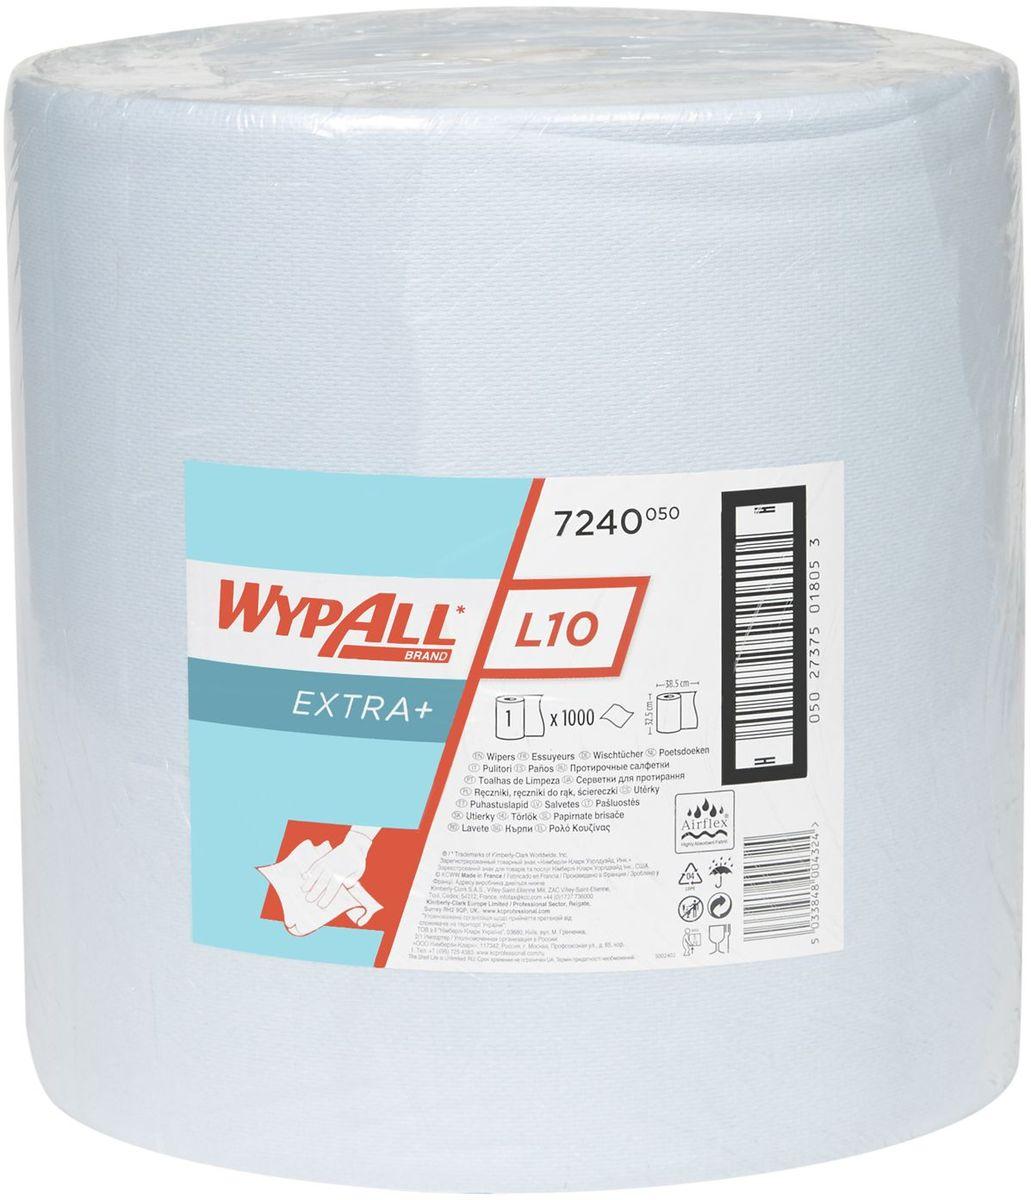 Полотенца бумажные Wypall L10 Extra, 1000 шт. 7240787502Бумажные полотенца Wypall L10 Extra изготовленные из целлюлозы, обладают отличной впитывающей способностью, долговечностью и прочностью, как в сухом, так и во влажном состоянии. Подходят для работы по очистке от клея, масла, мусора, стекол, а также для прецизионной очистки сложных механизмов и деталей. Бумажные полотенца Wypall L10 Extra могут использоваться с переносными или стационарными диспенсерами для контроля расхода продукта и уменьшения объема отходов.Количество полотенец: 1000 шт.